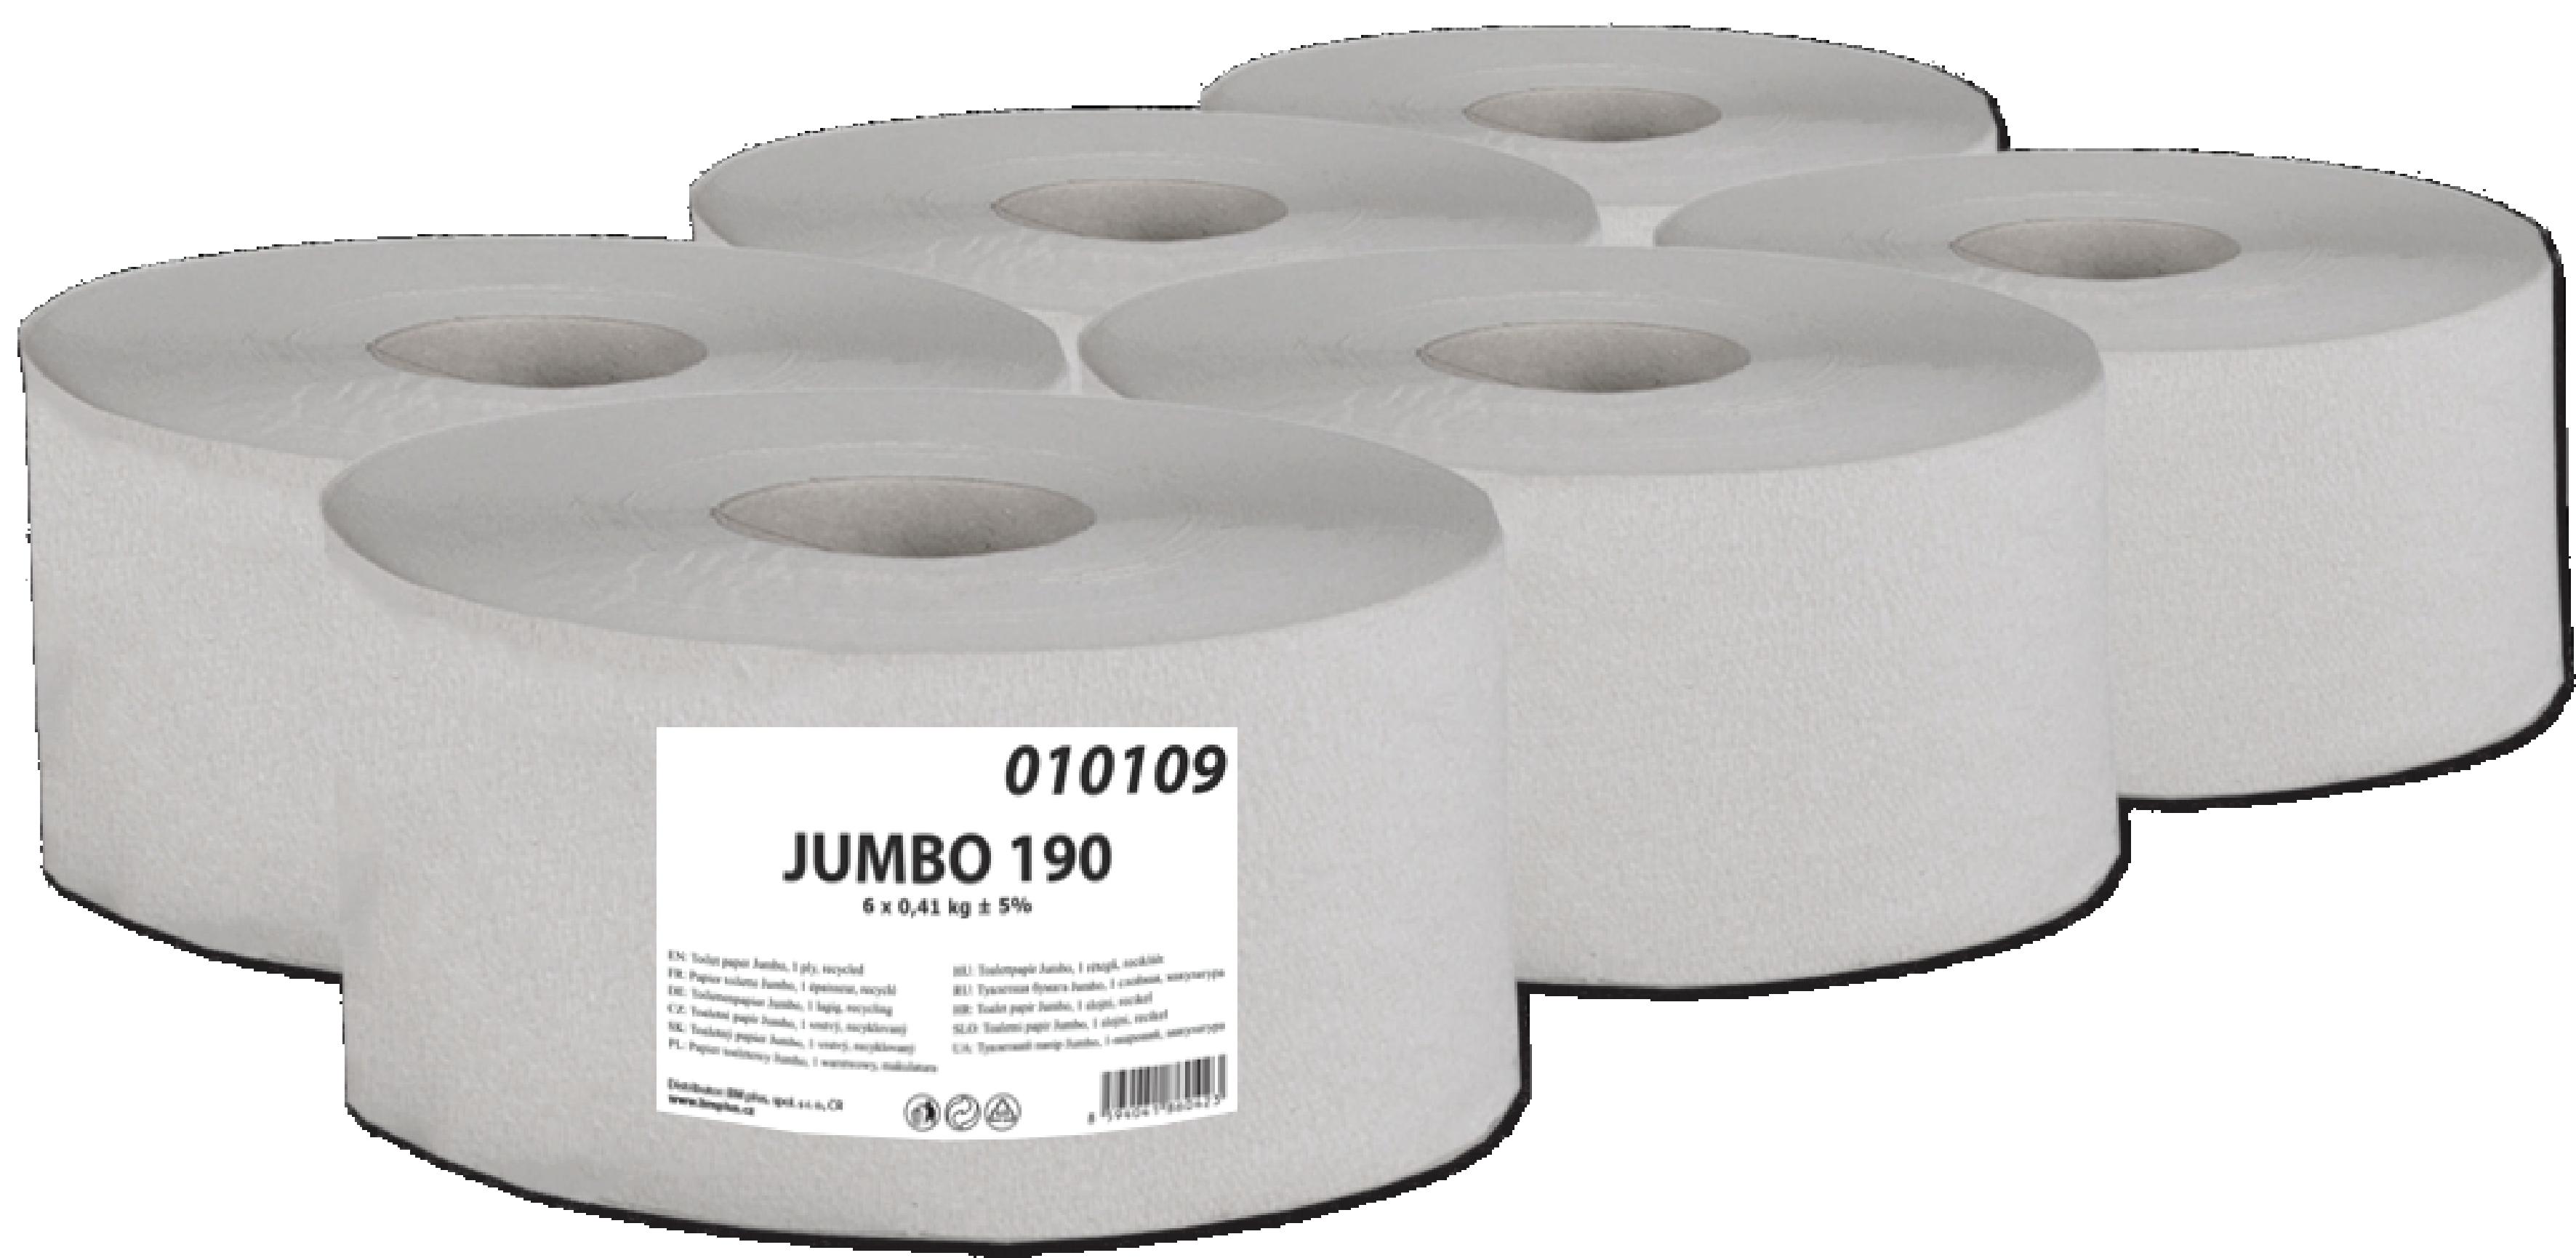 Fotografie Toaletní papír Jumbo 190 1-vrstvý šedý 1 role